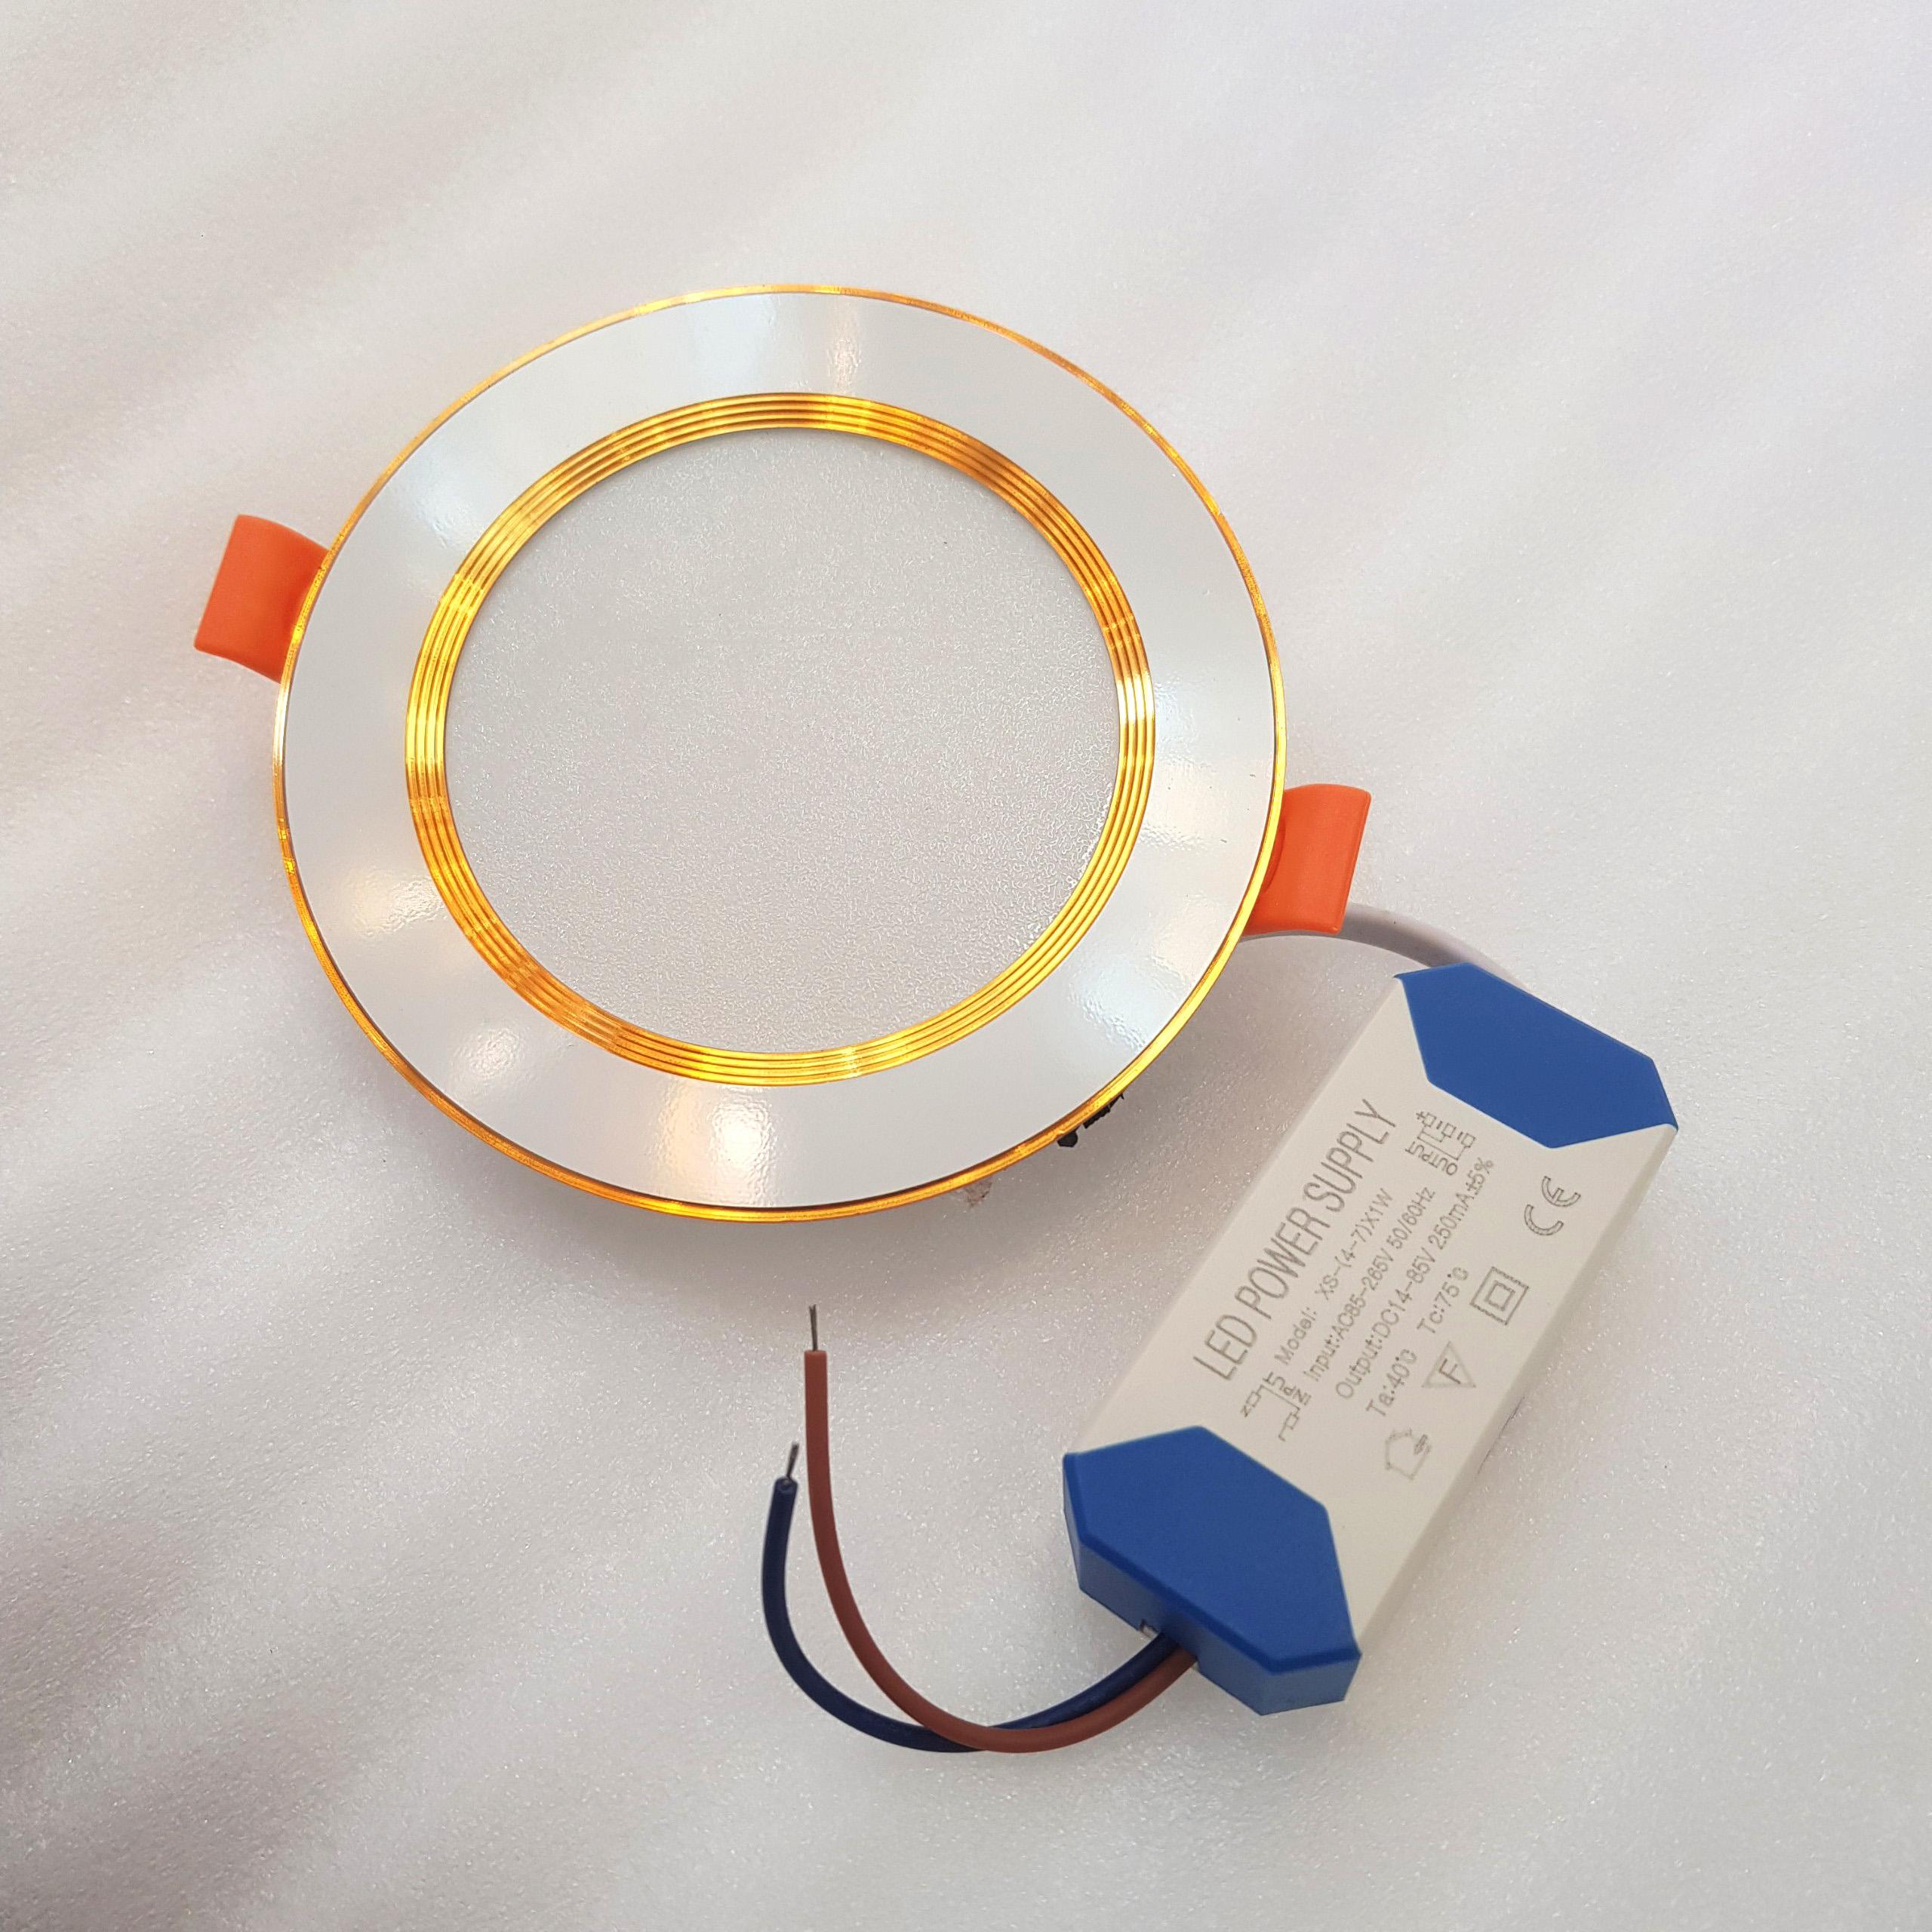 Comboo 10 đèn Led âm trần 7w viền vàng ( có 3 chế độ màu)